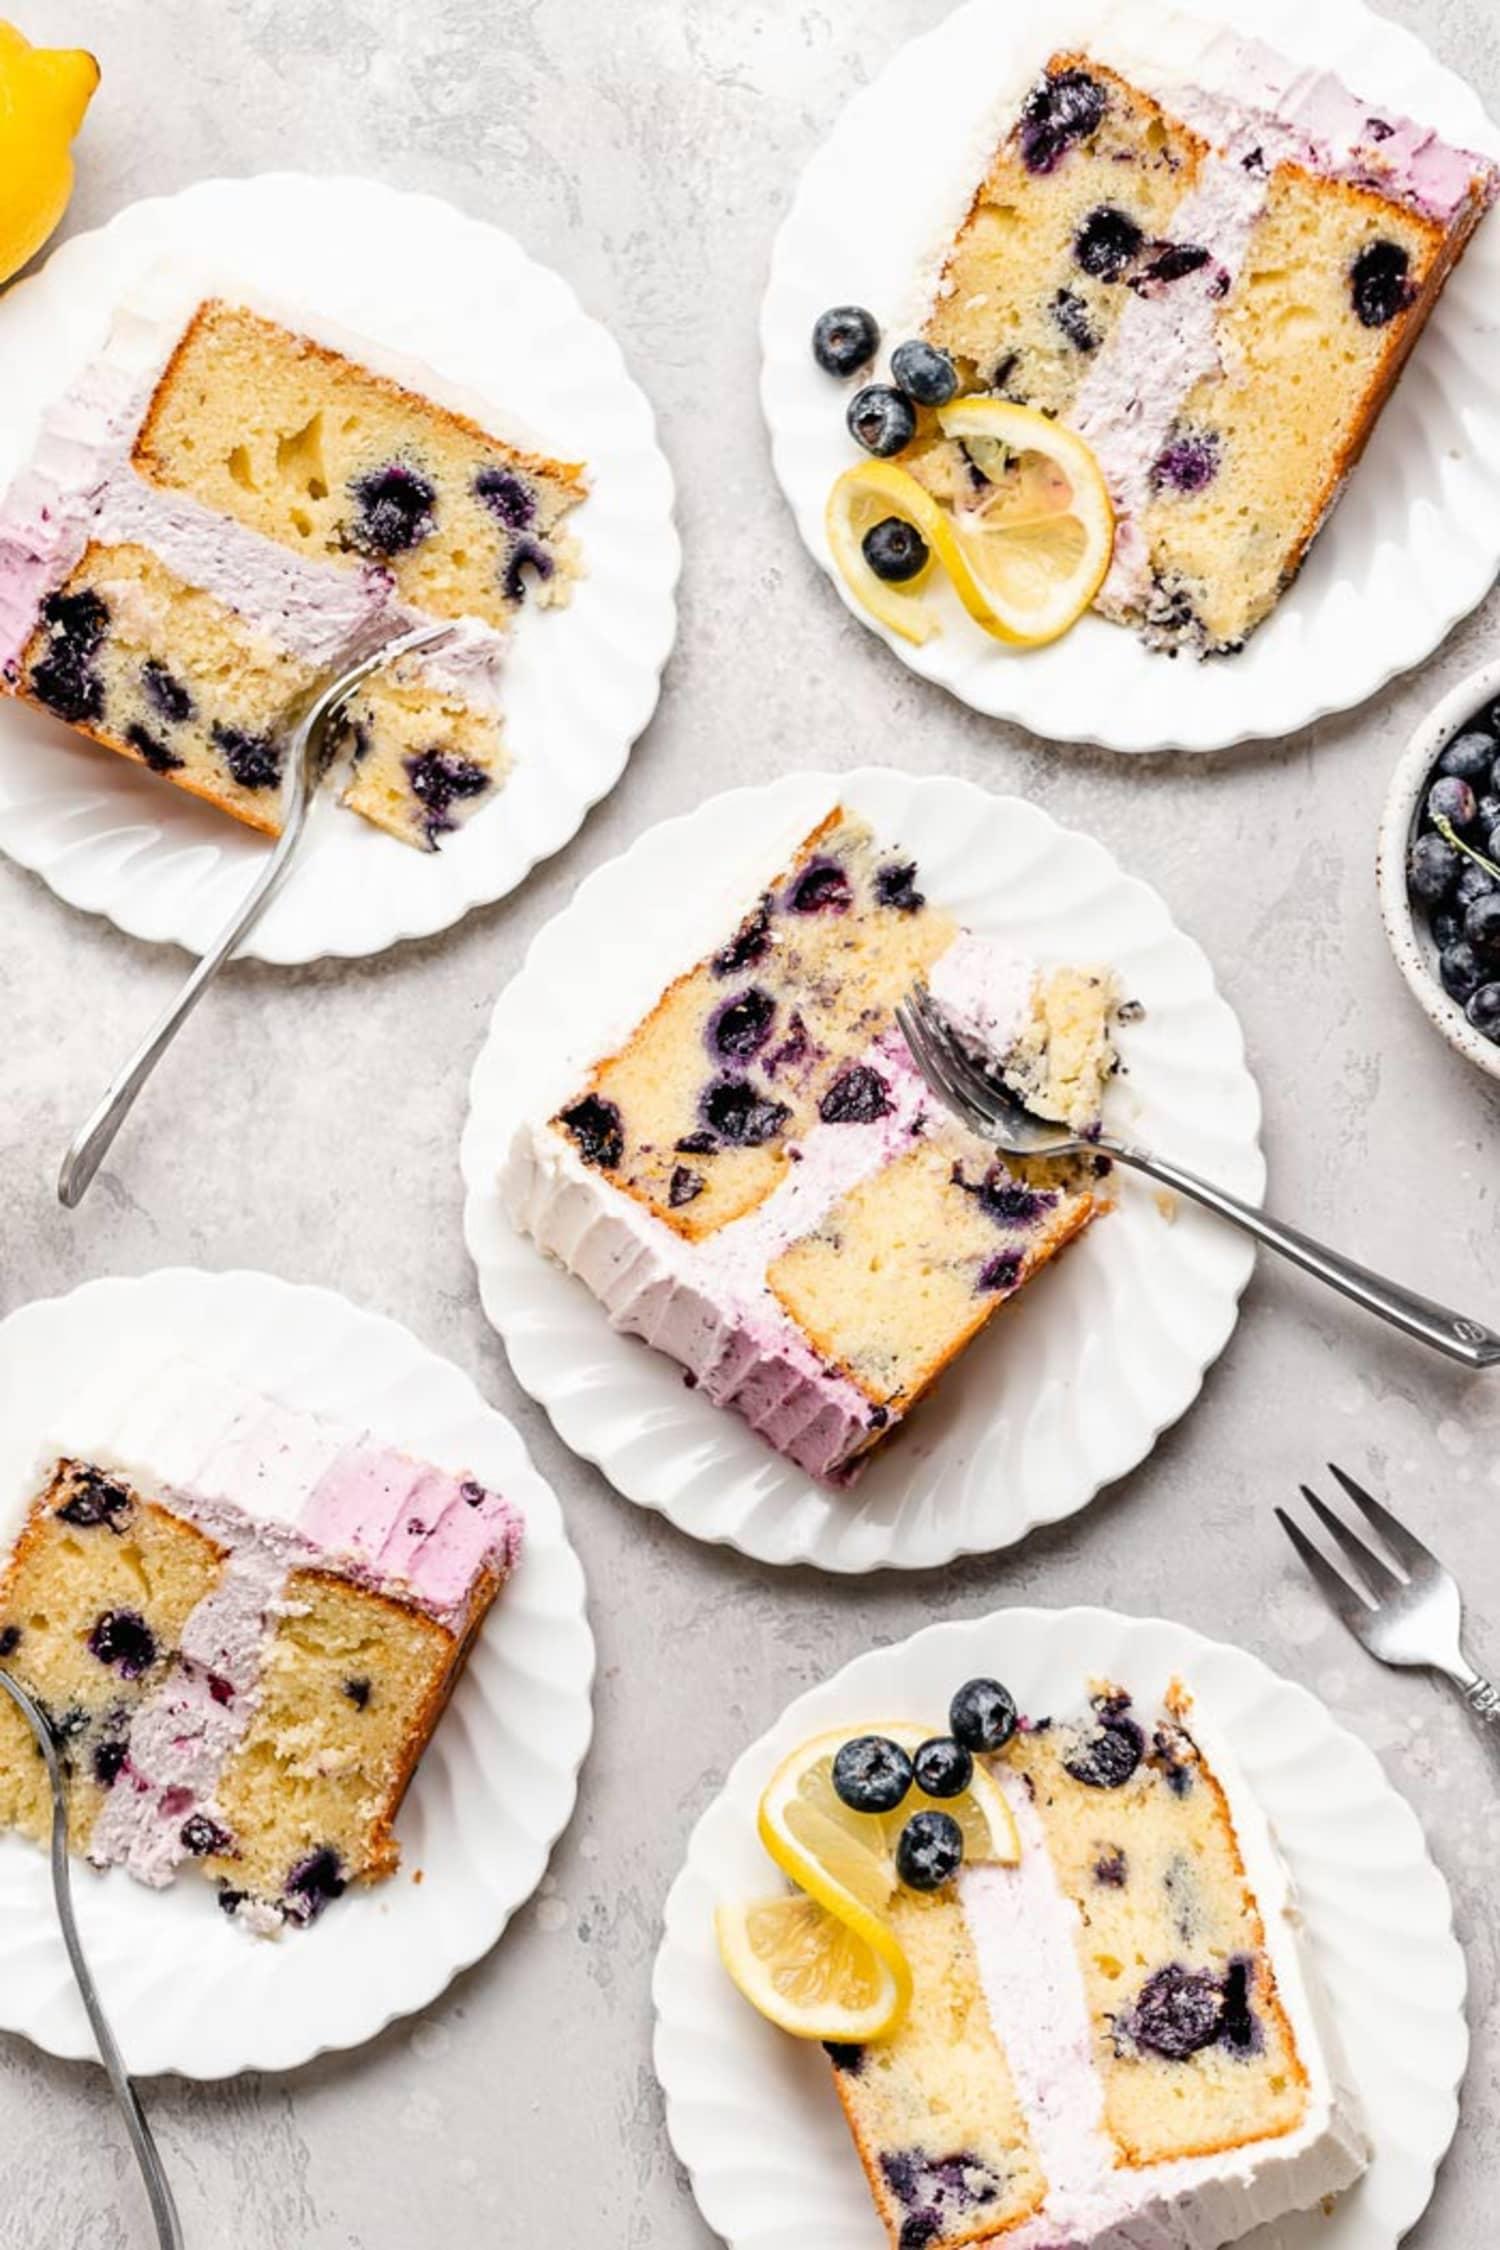 This Tender Blueberry Lemon Cake Is a Summer Stunner